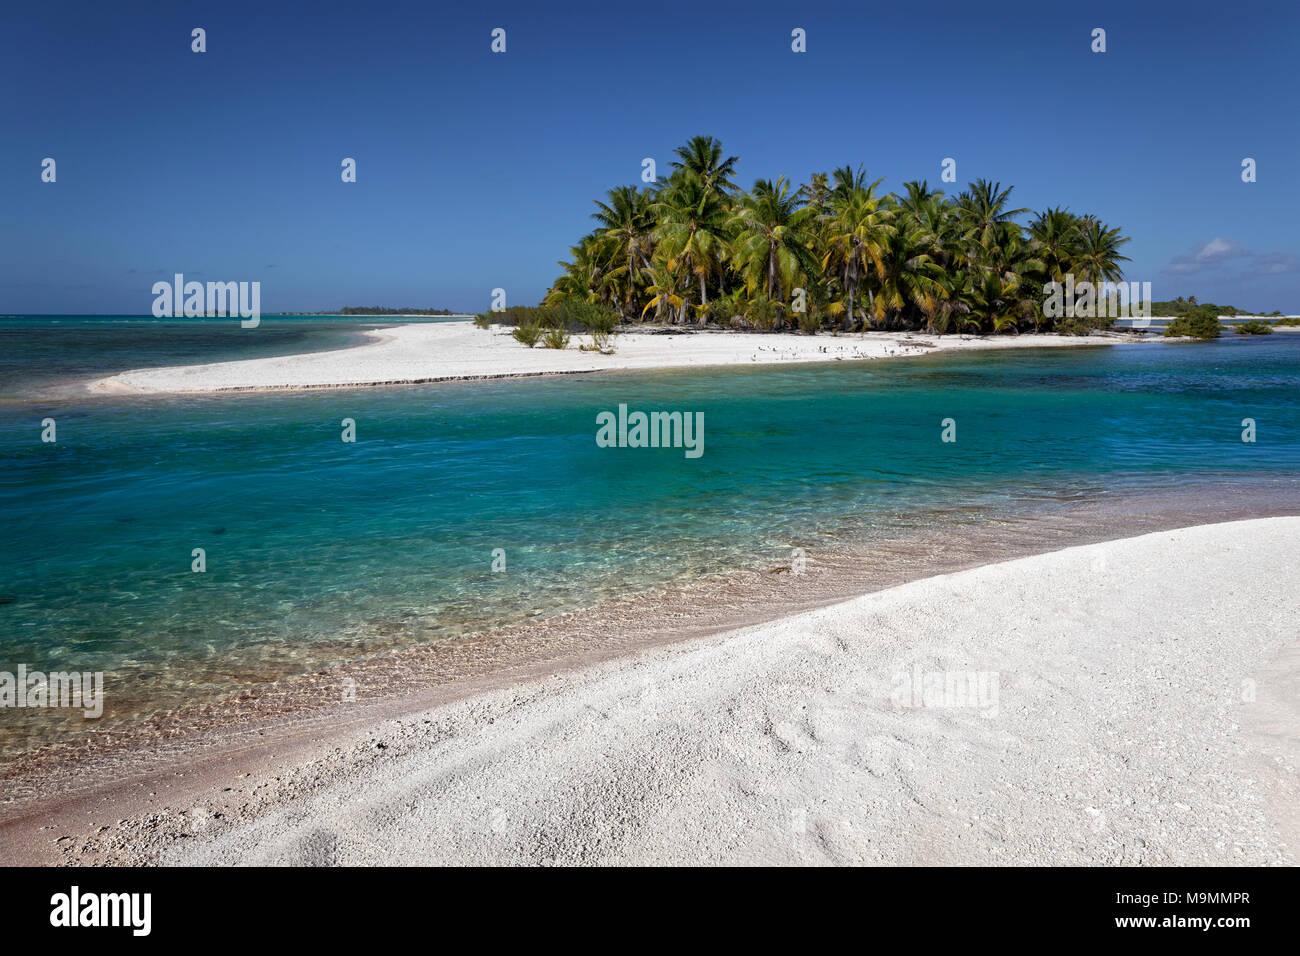 Isla Desierta, playa con palmeras, Tikehau Atolón Archipiélago Tuamotu, Islas Sociedad, Polinesia Francesa, las Islas de Barlovento Foto de stock